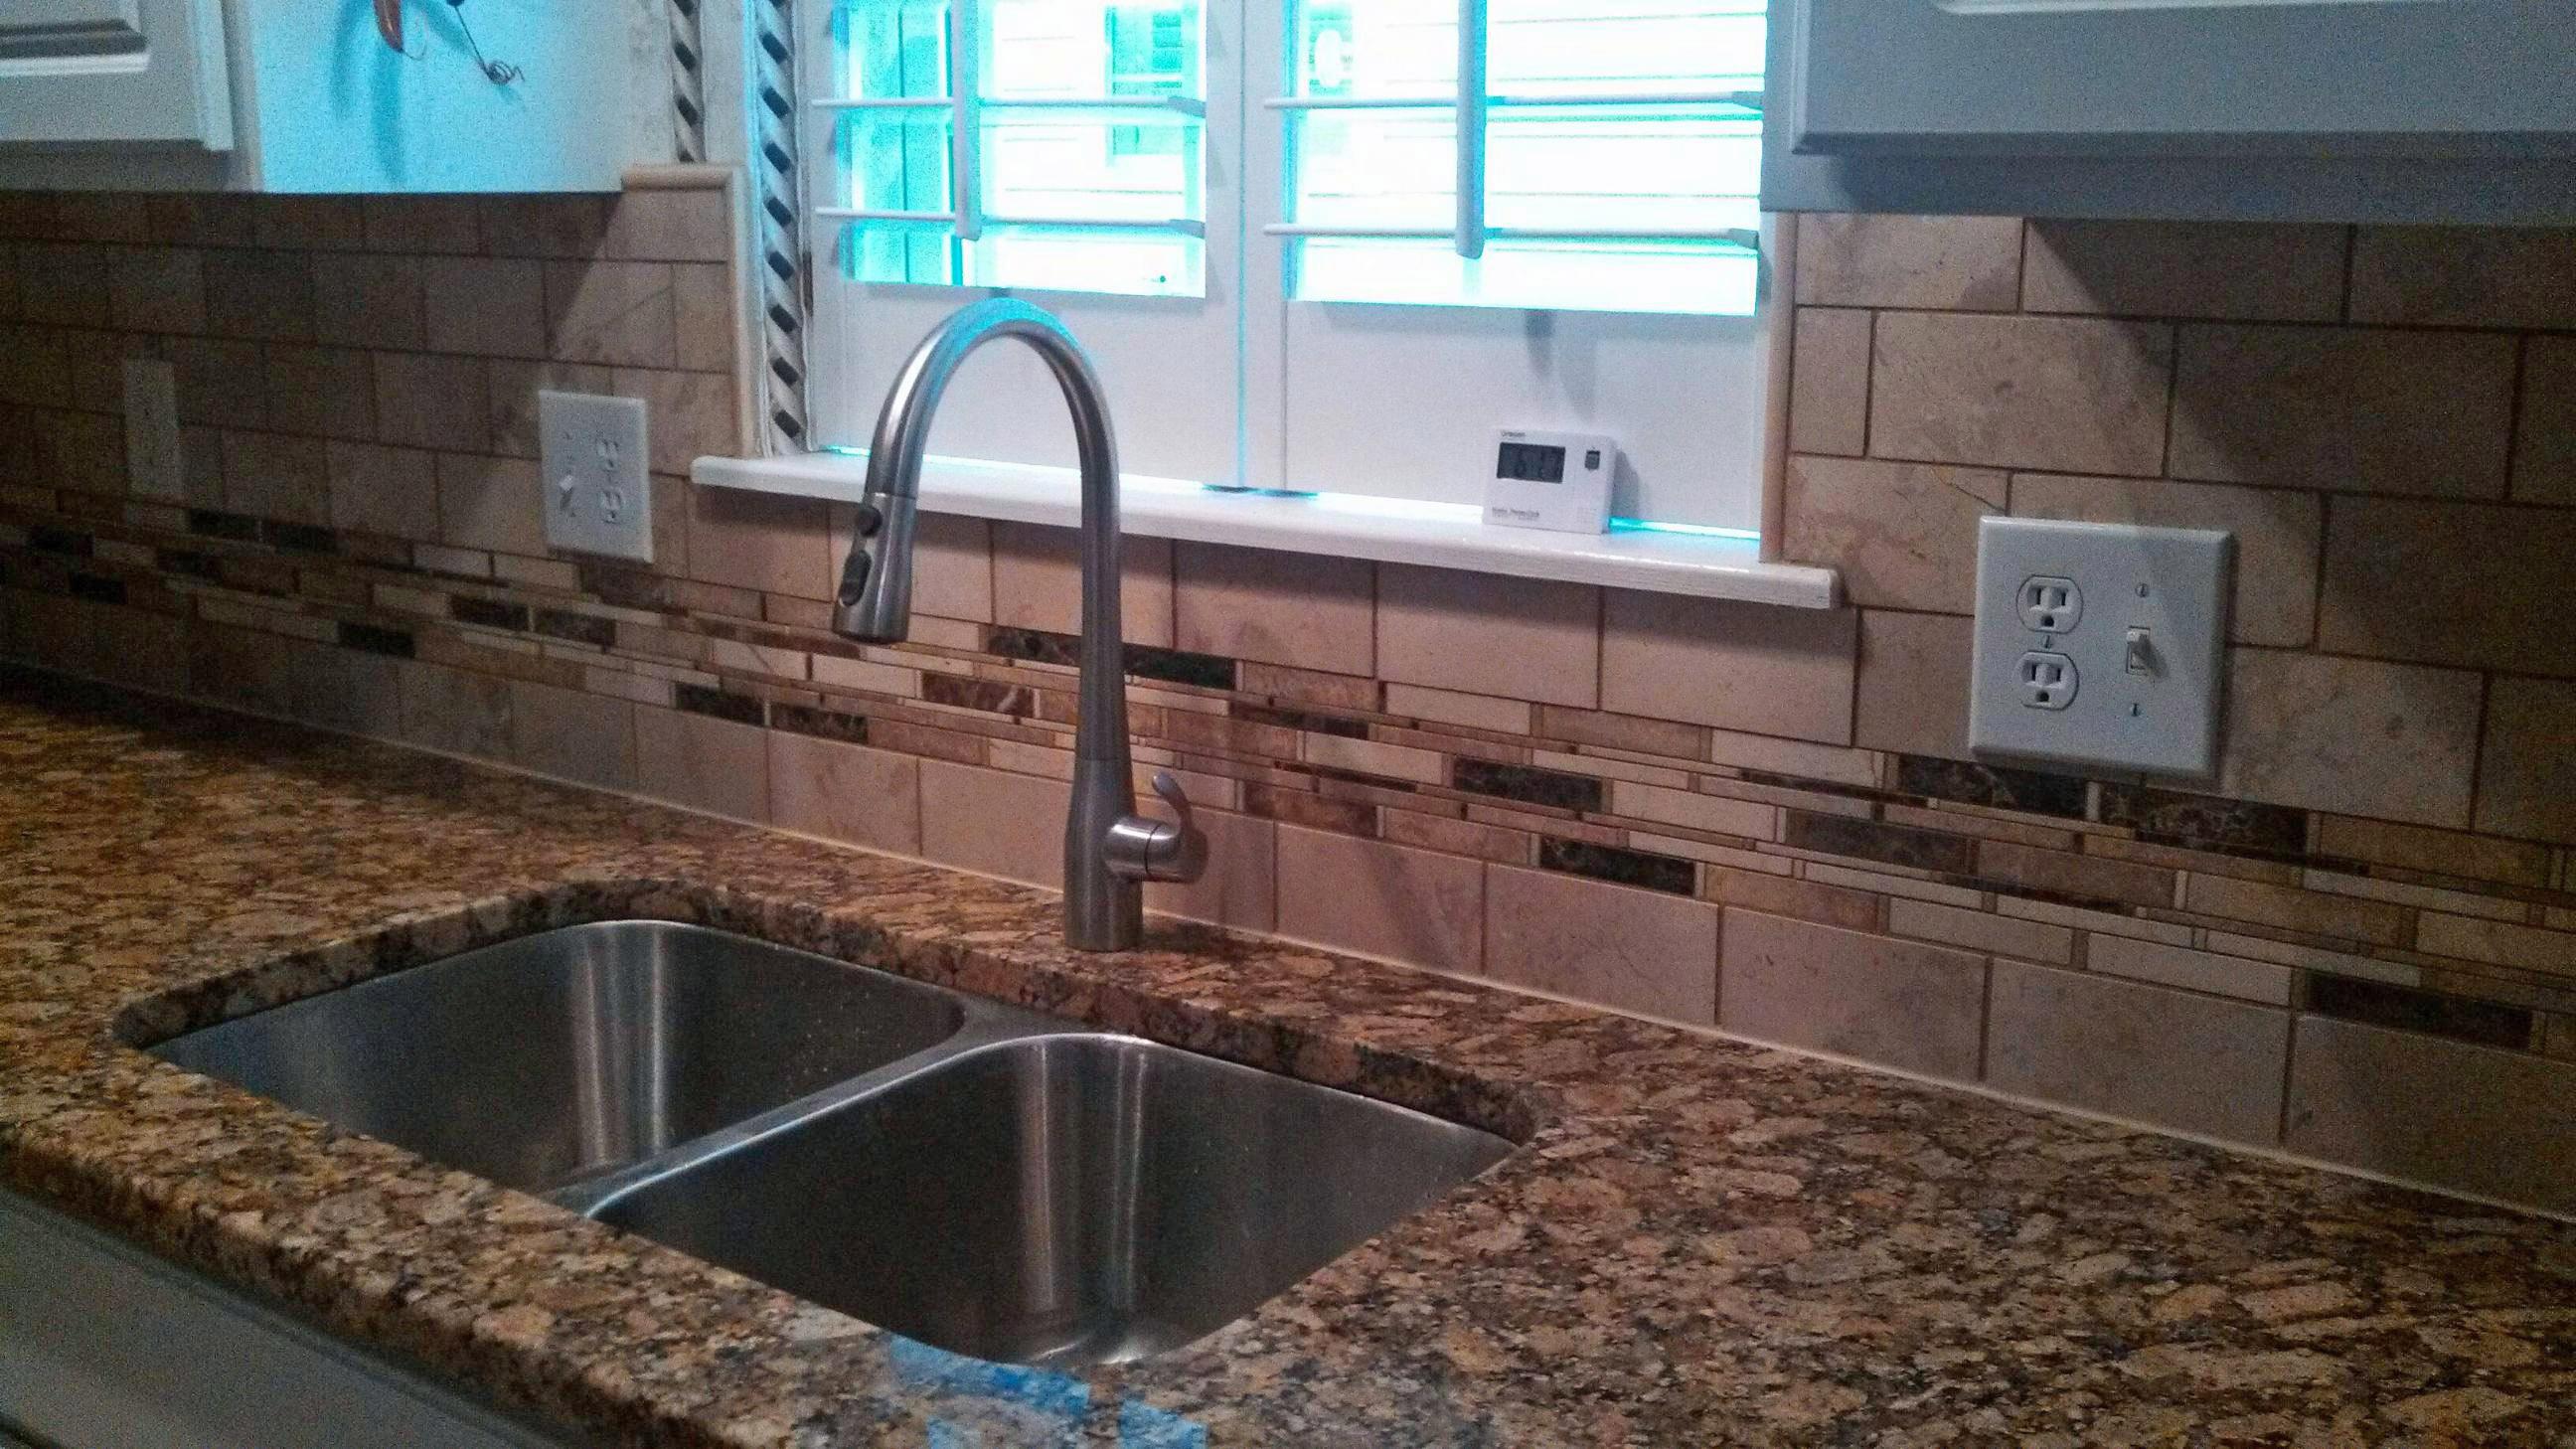 Glass tile backsplash with